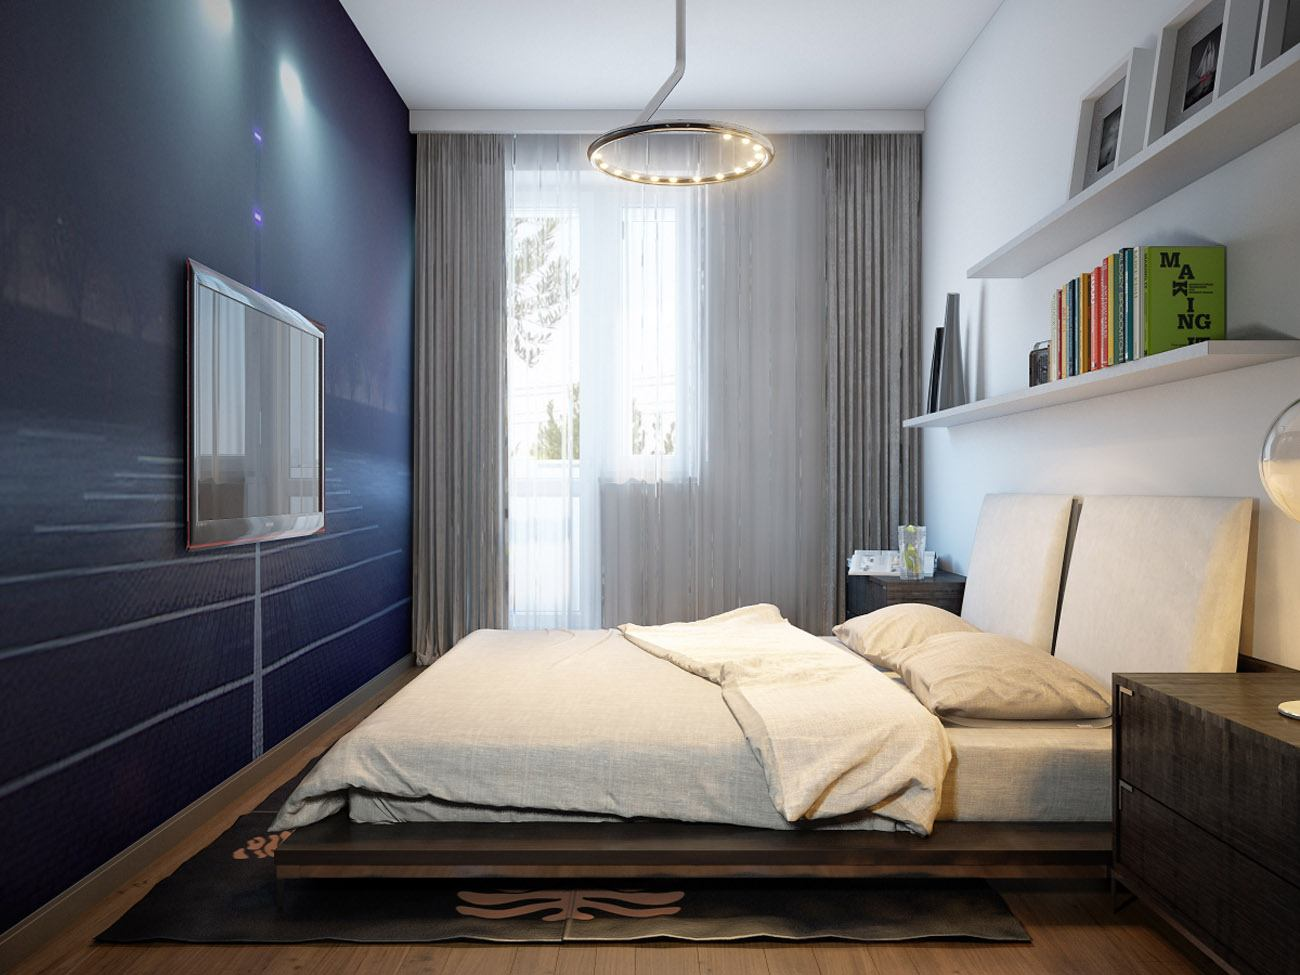 Как расставить мебель в маленькой комнате? 10 лайфхаков